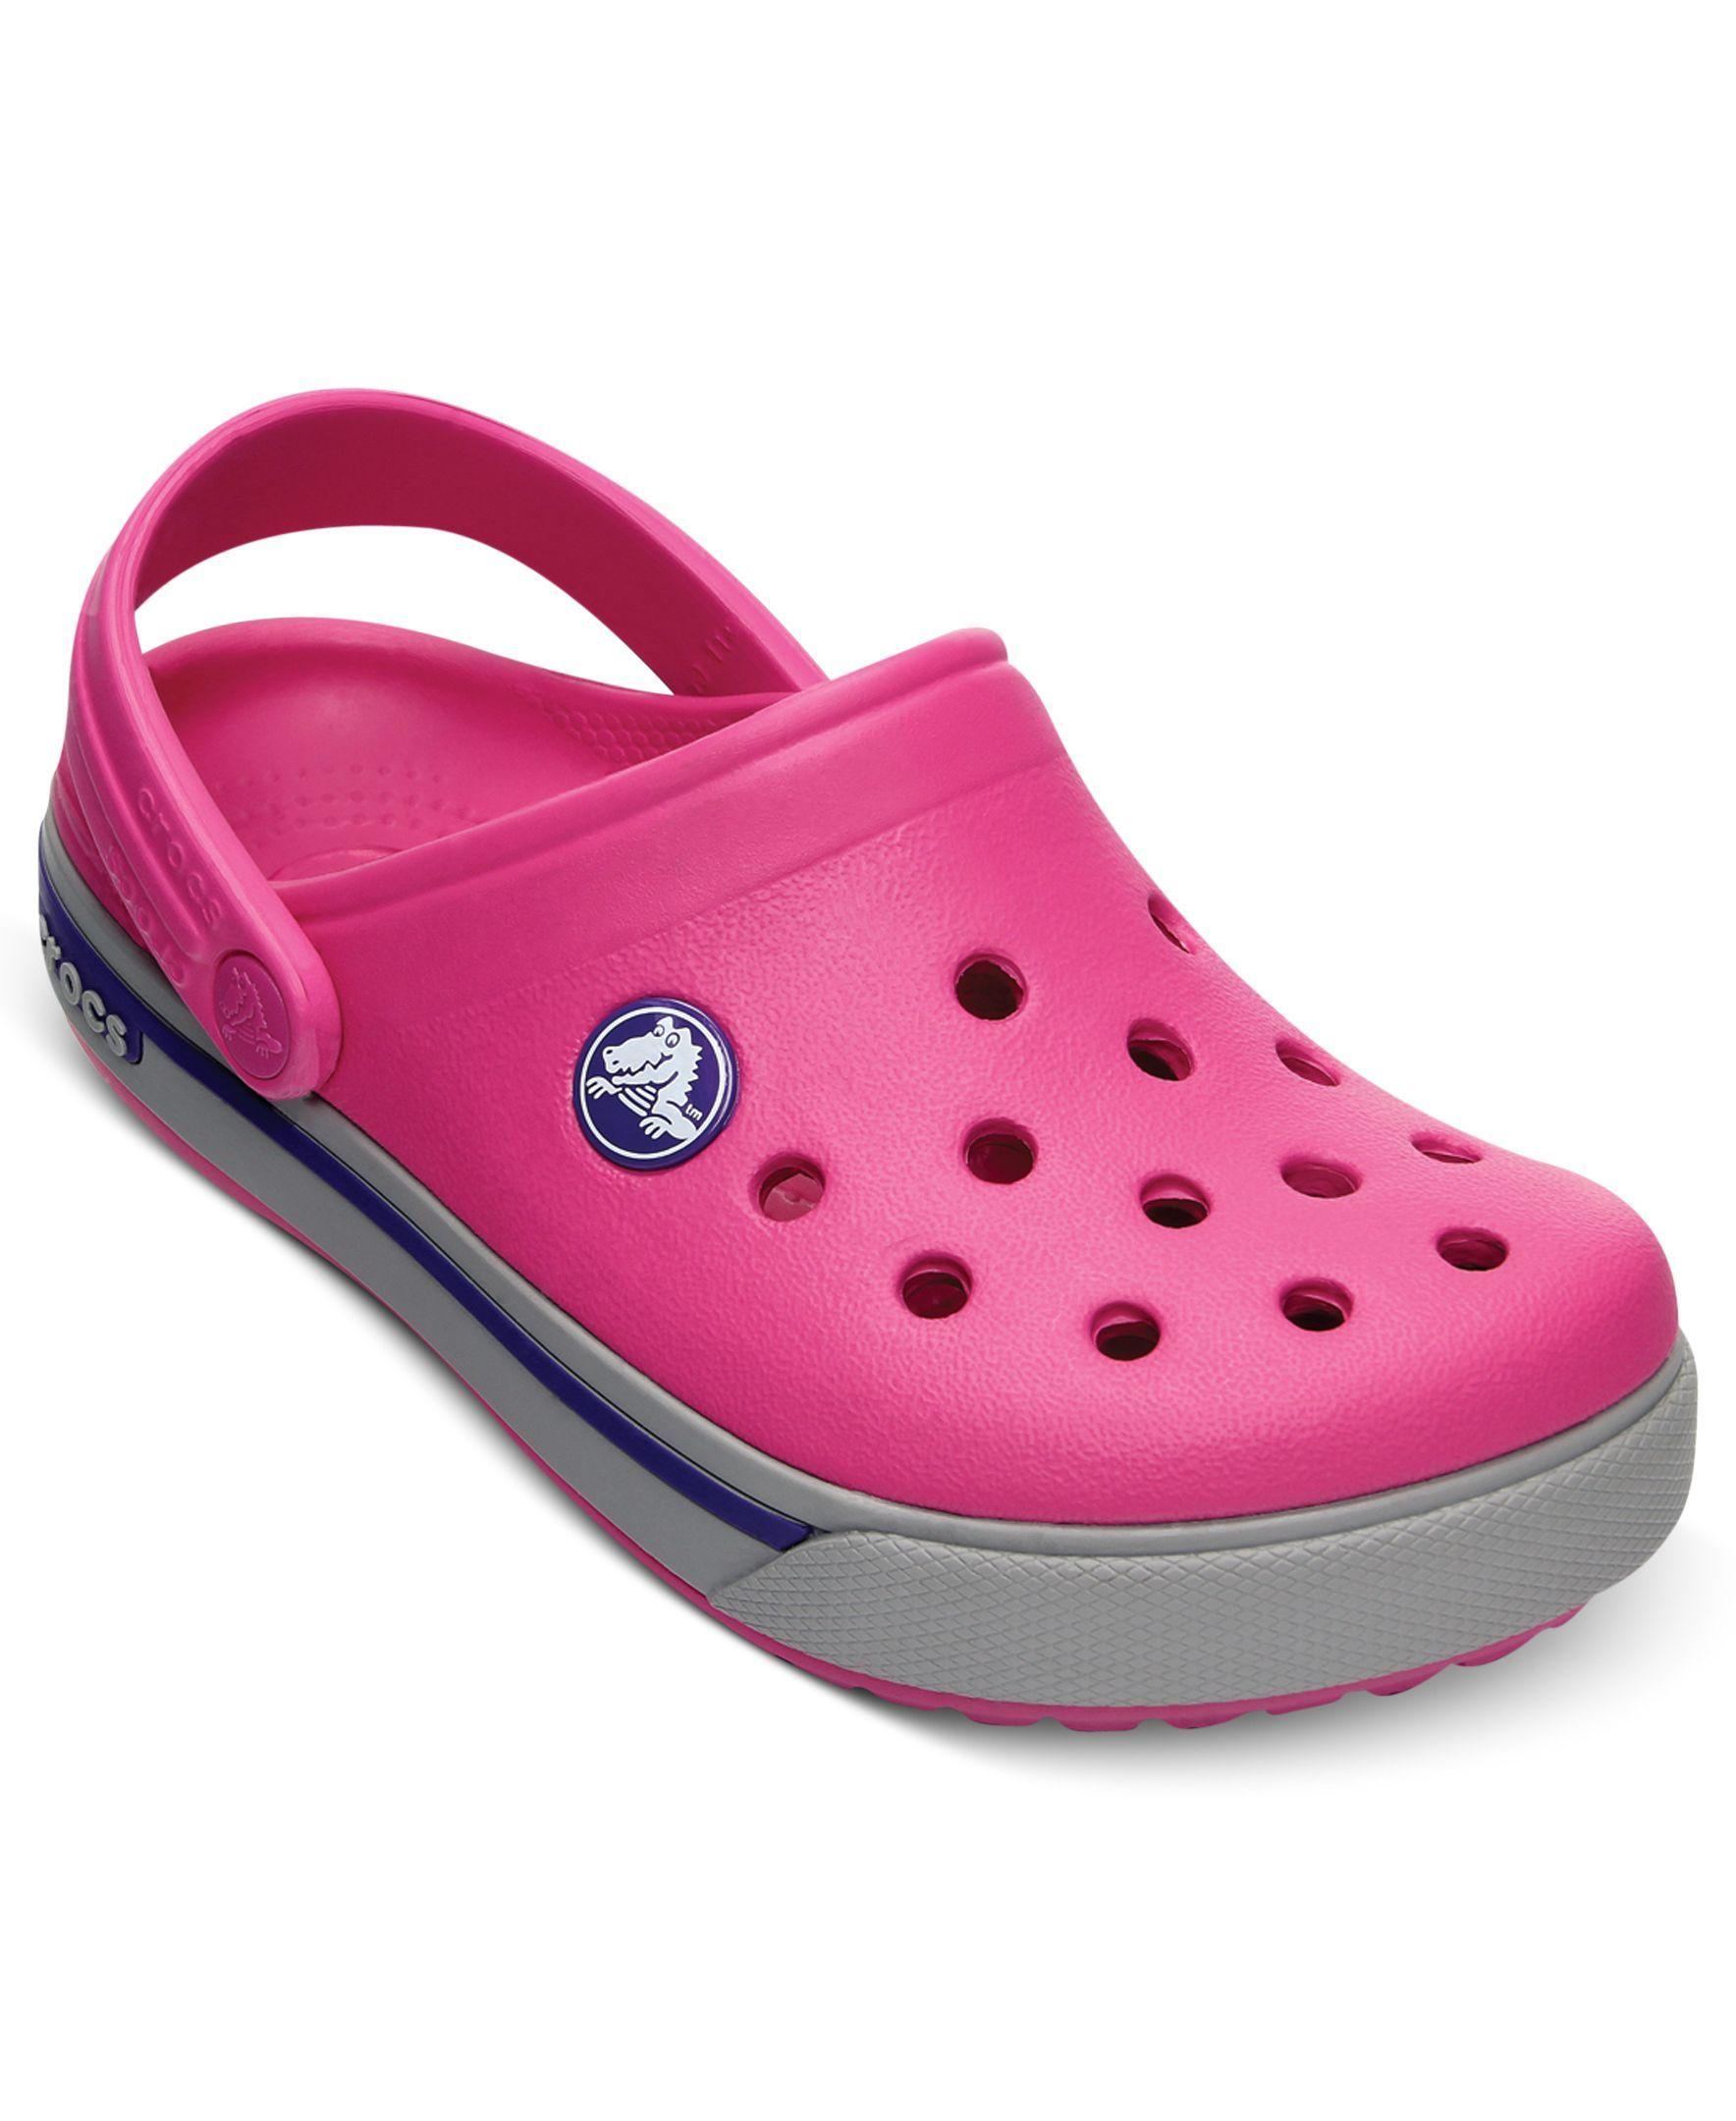 Boys Crocband Ii.5 Clogs | Kids shoes